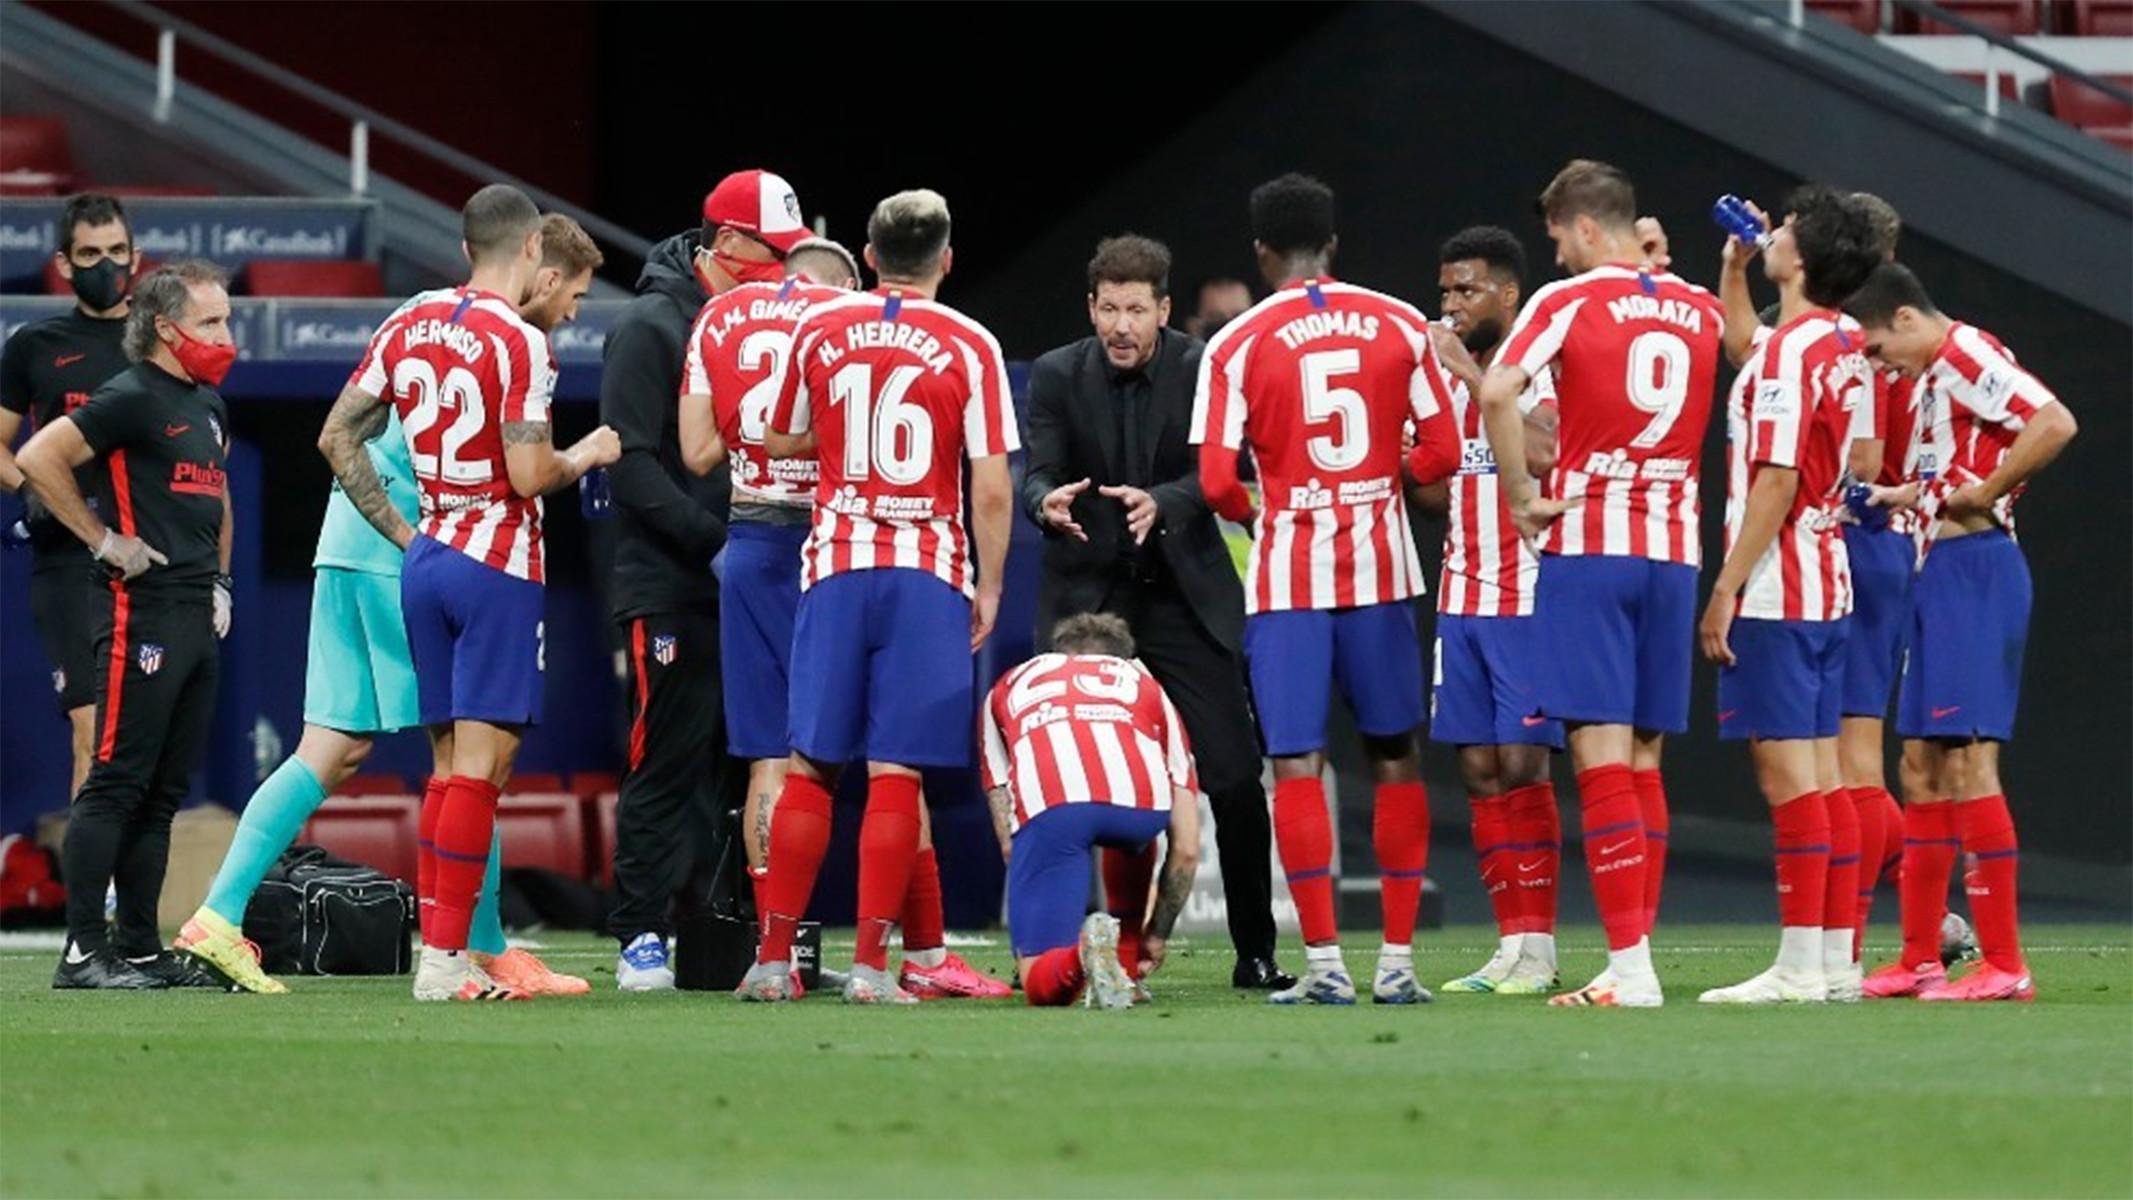 Gawat! Ada Kasus Positif COVID-19 di Atletico Madrid - JPNN.com